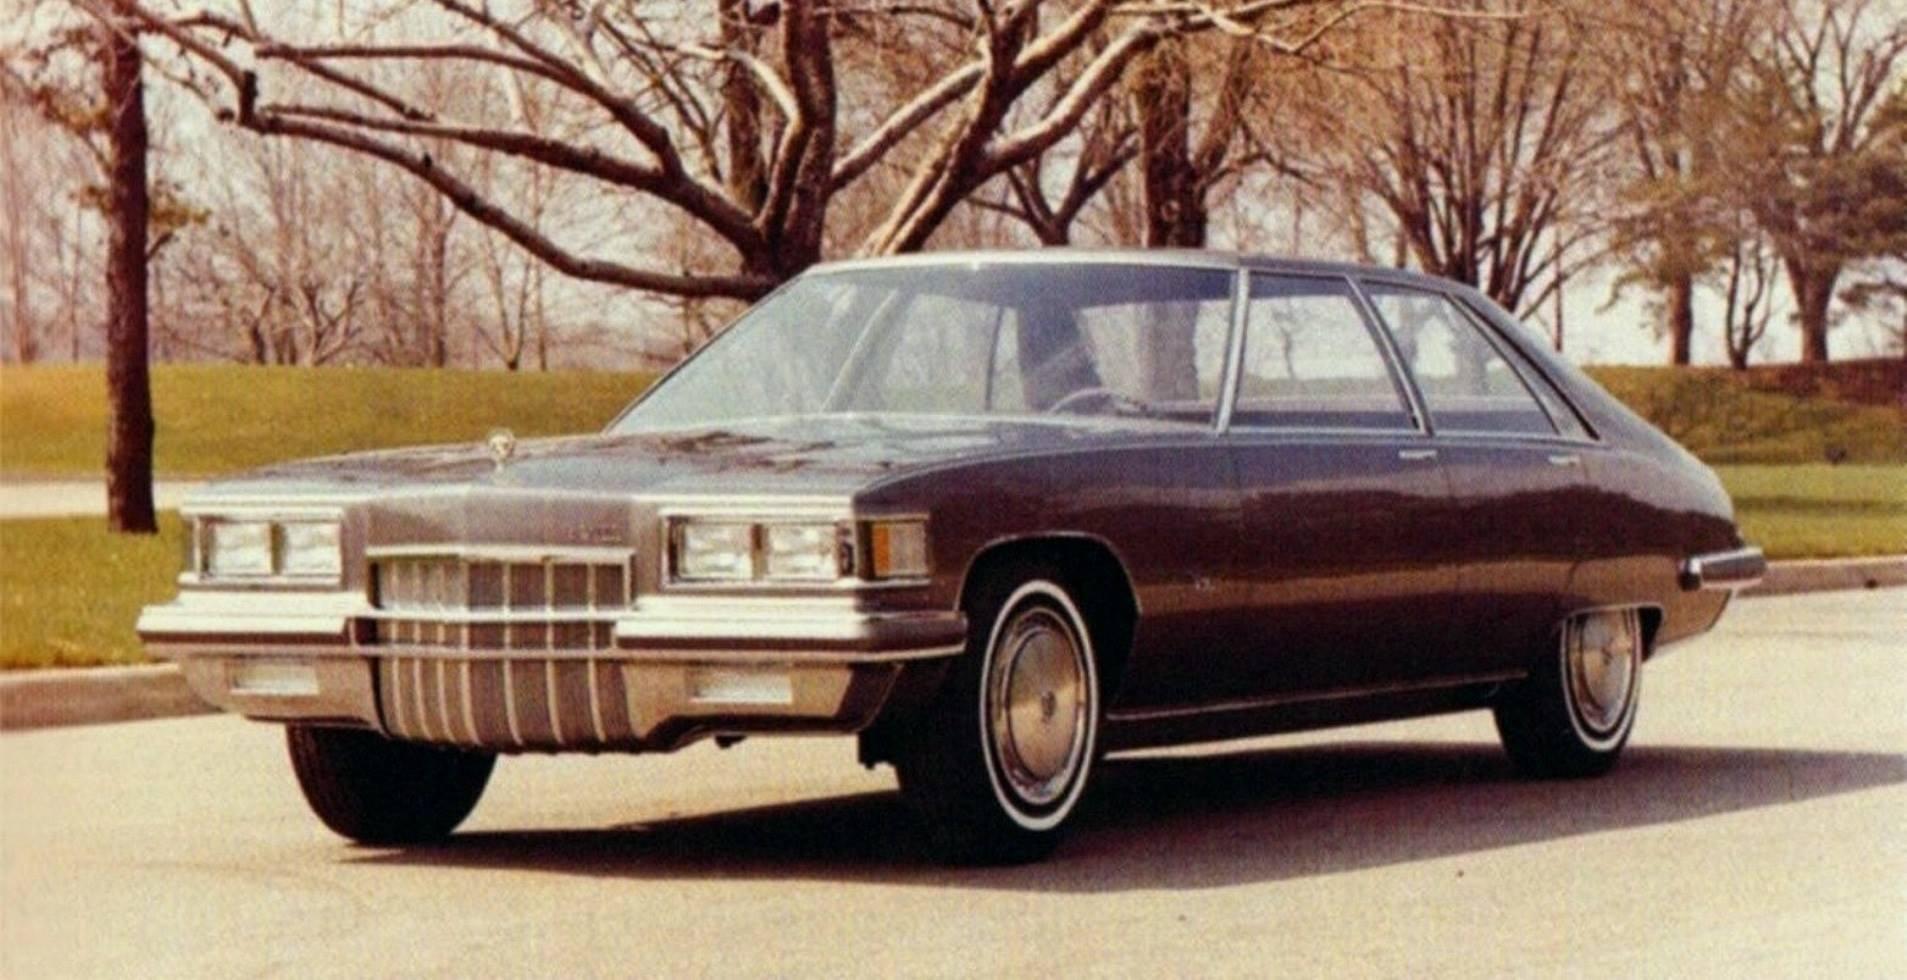 1972-Cadillac-LaSalle-1